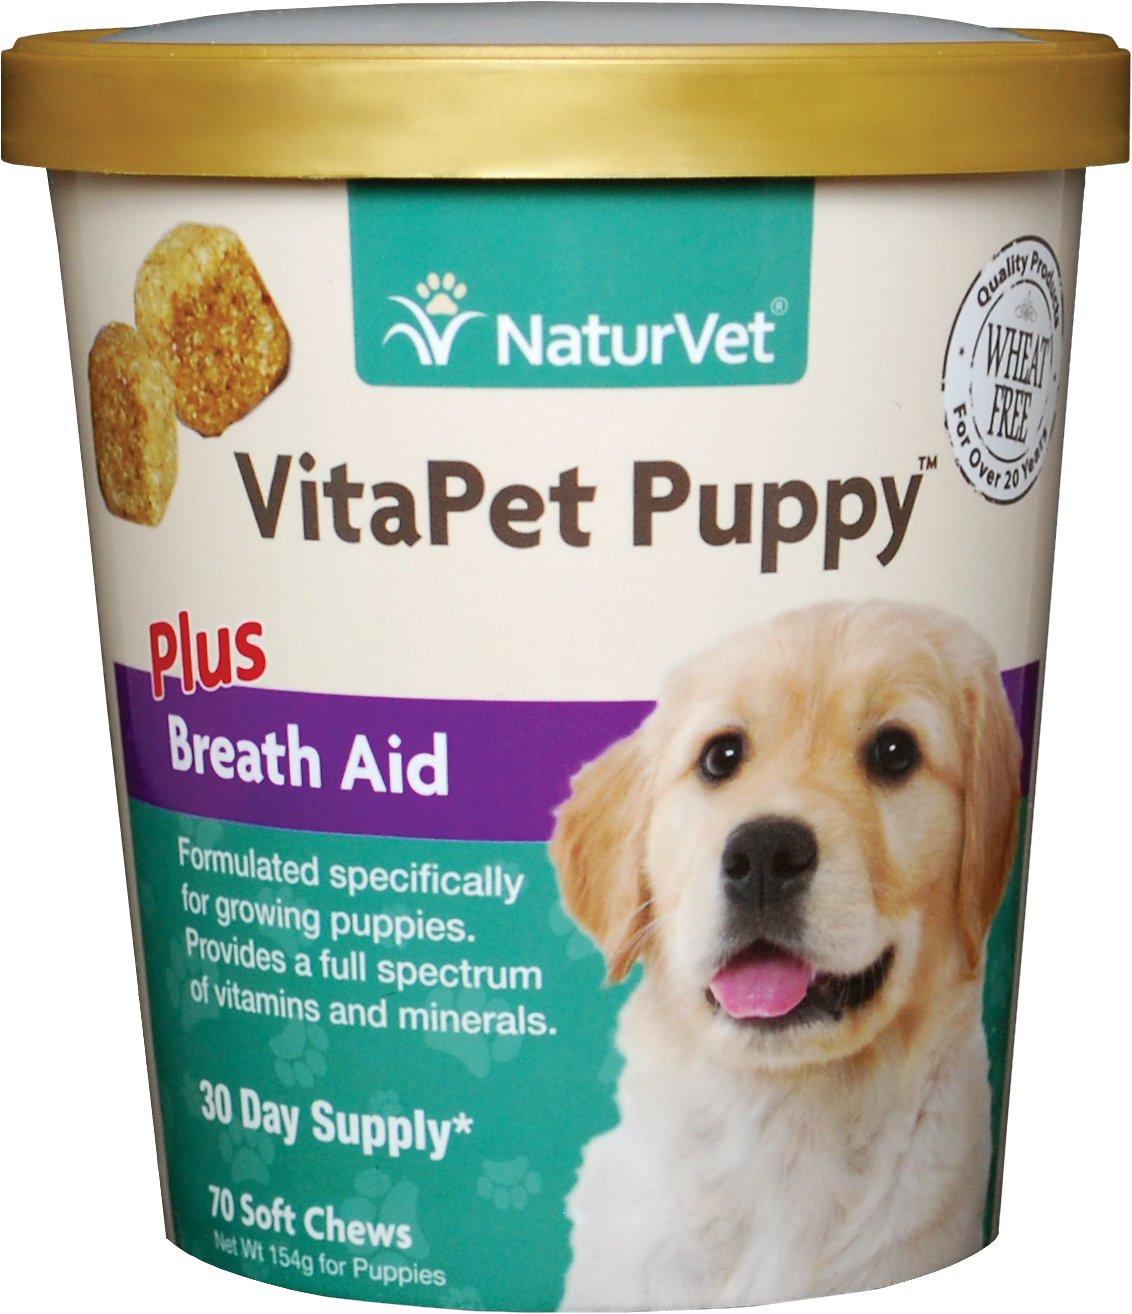 NaturVet VitaPet Puppy Vitamins & Minerals Dog Soft Chews, 70 count